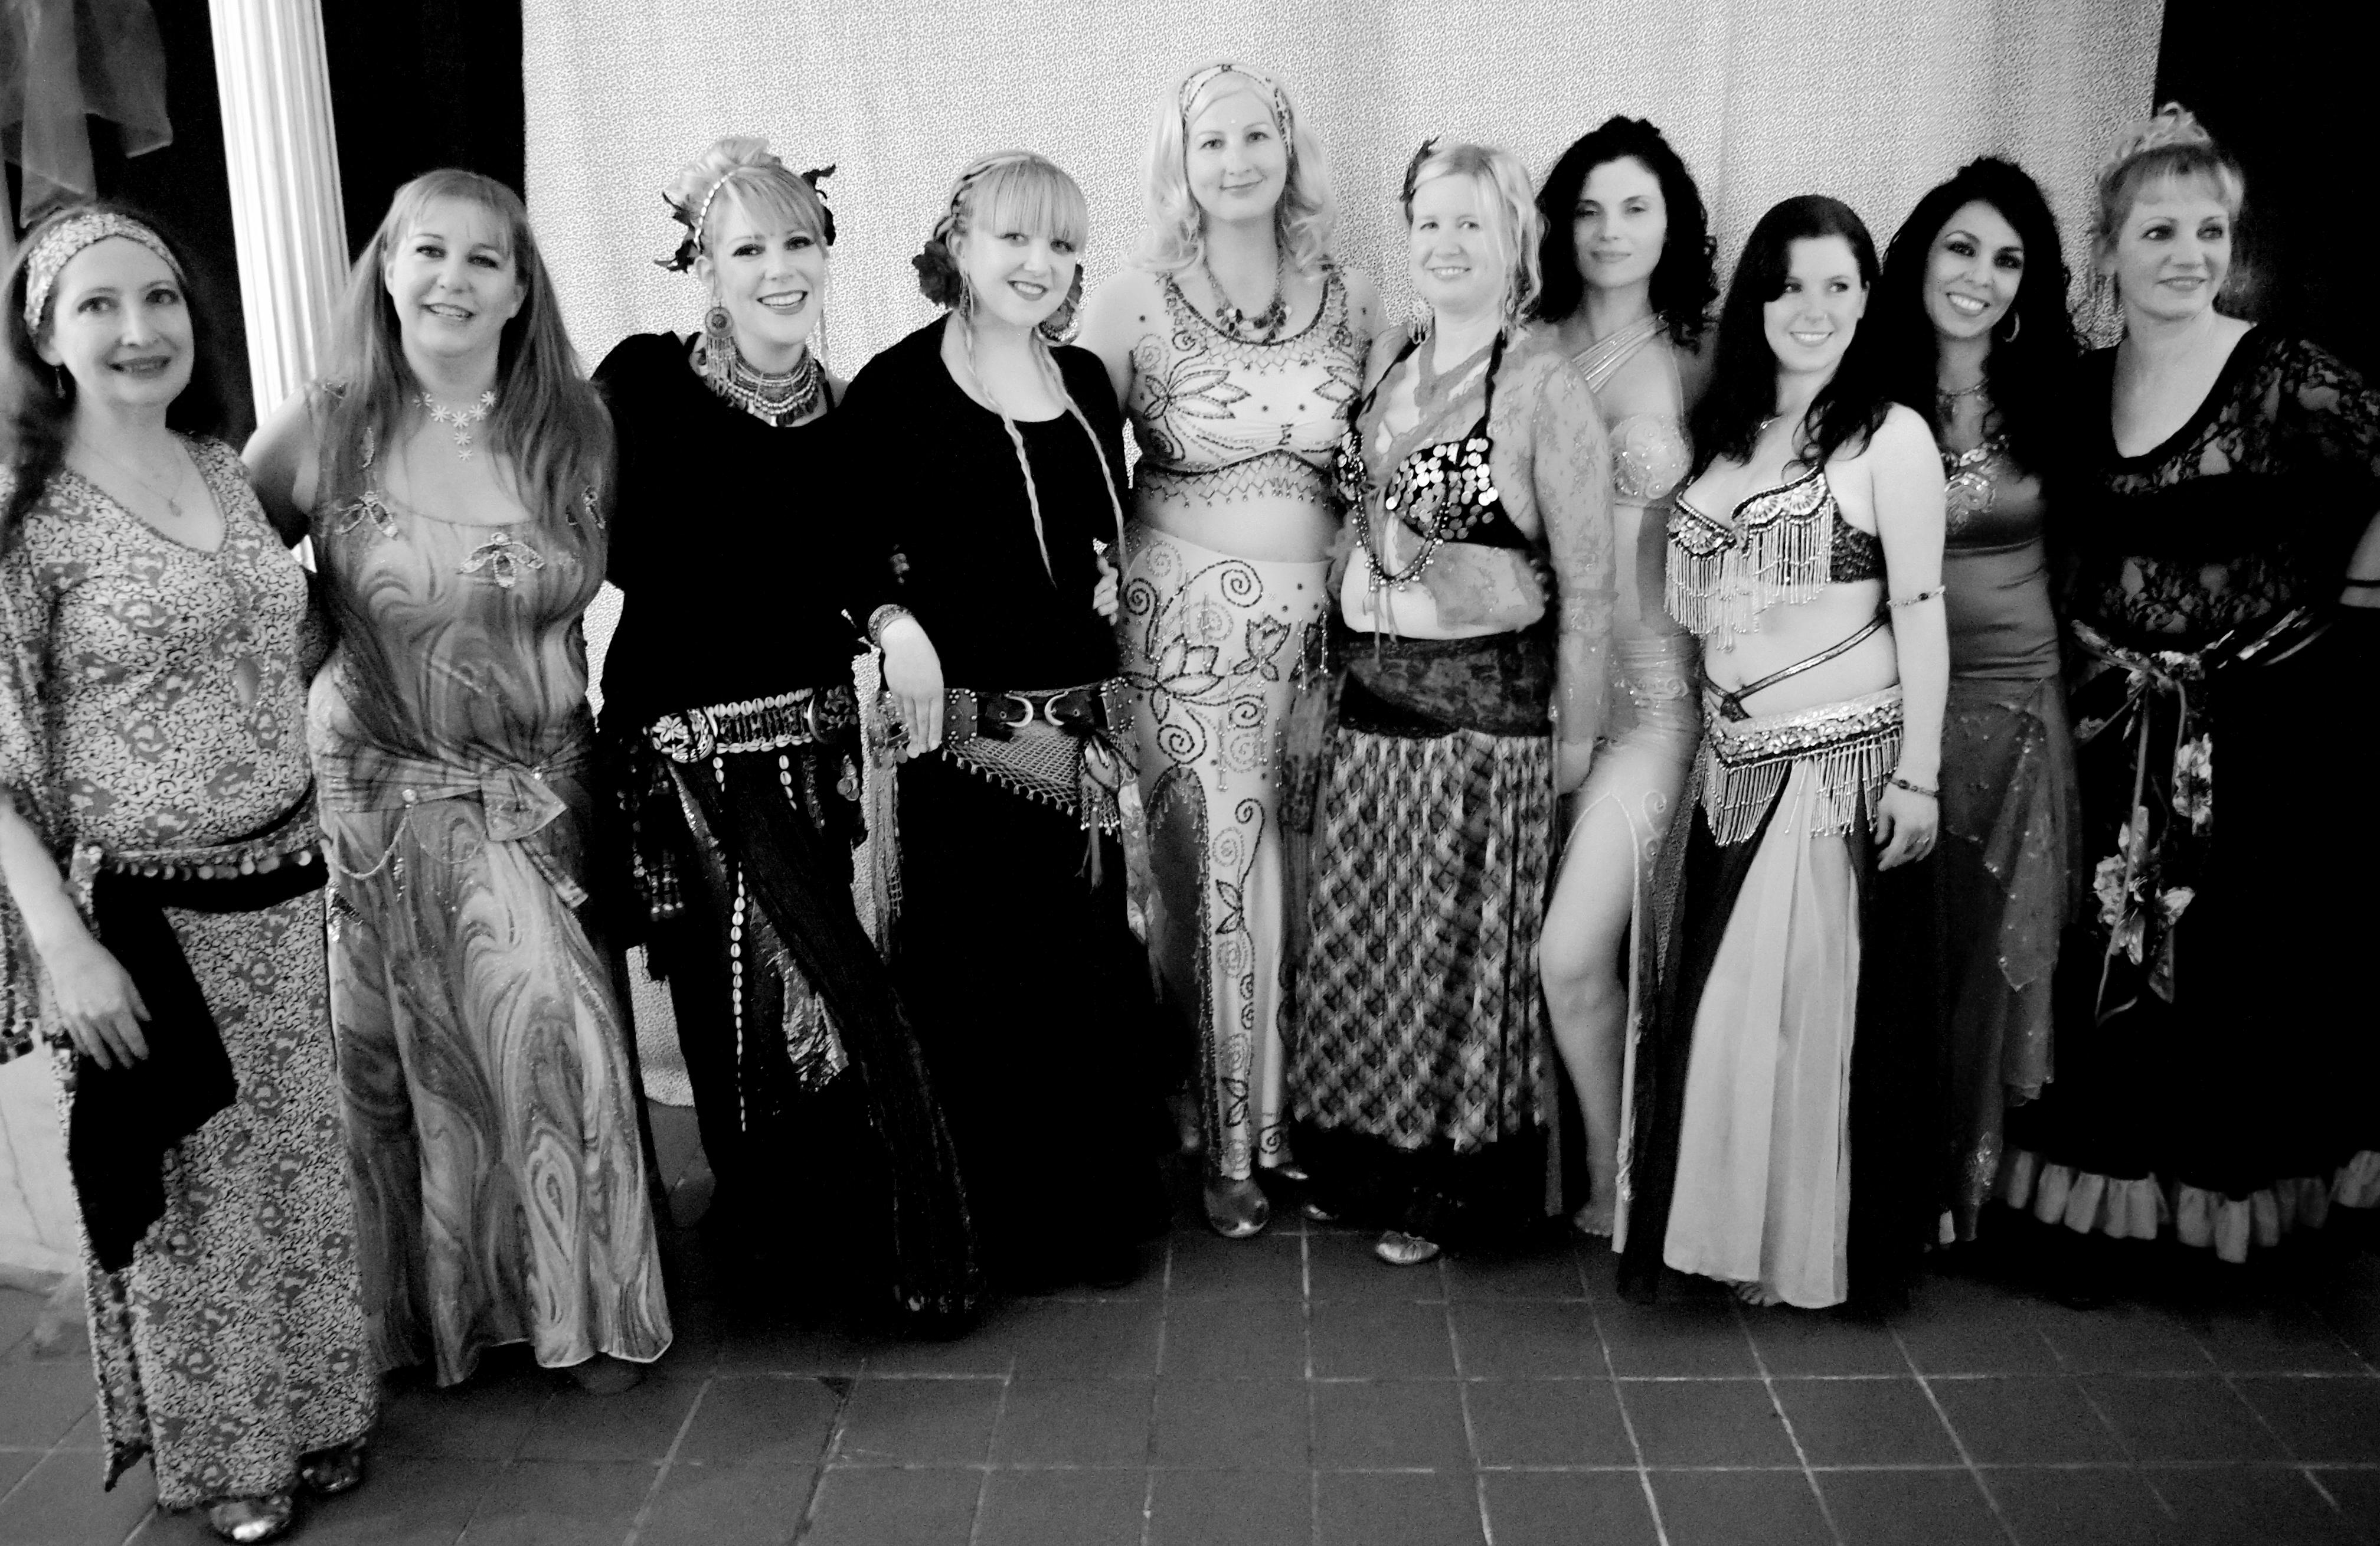 Shakefest promo 2012 photo